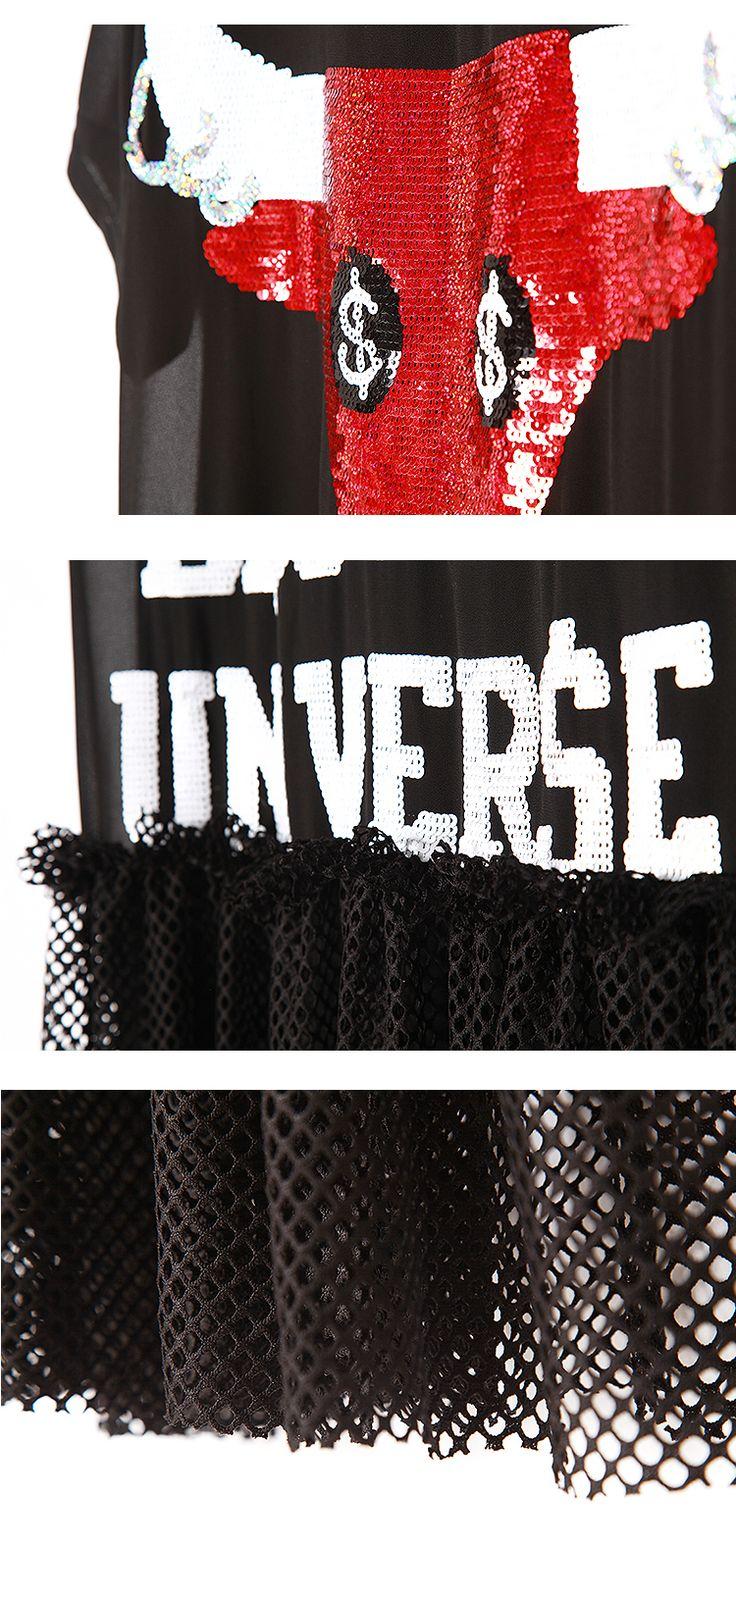 Мелинда стиль 2015 новых мужчин мода летнее платье с блестками коробки письмо шаблон сетки развертки платье свадебные платья бесплатная доставка, принадлежащий категории Платья и относящийся к Одежда и аксессуары для женщин на сайте AliExpress.com   Alibaba Group